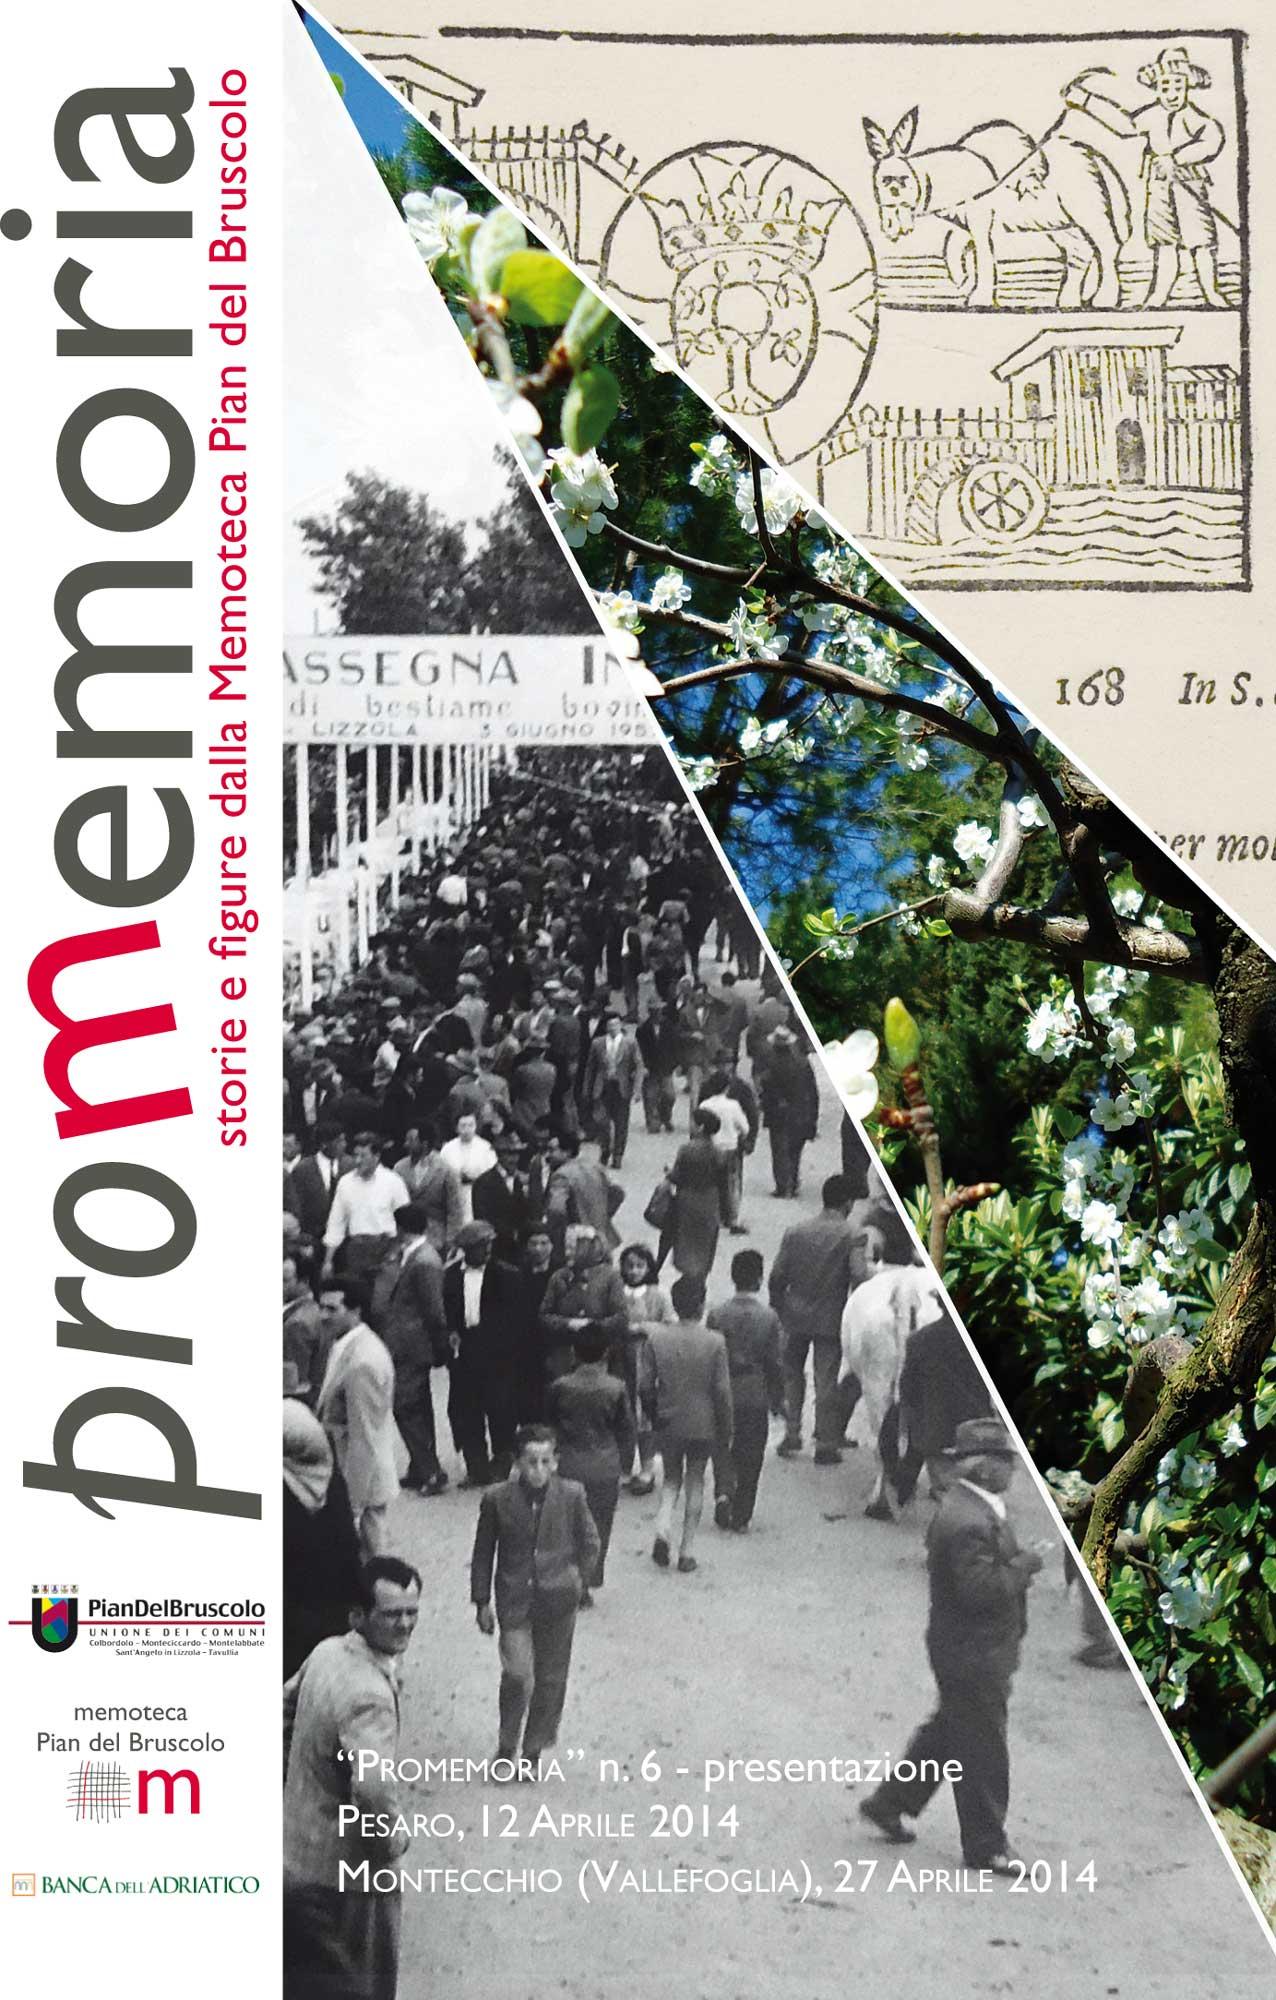 Memoteca Pian del Bruscolo - 2014